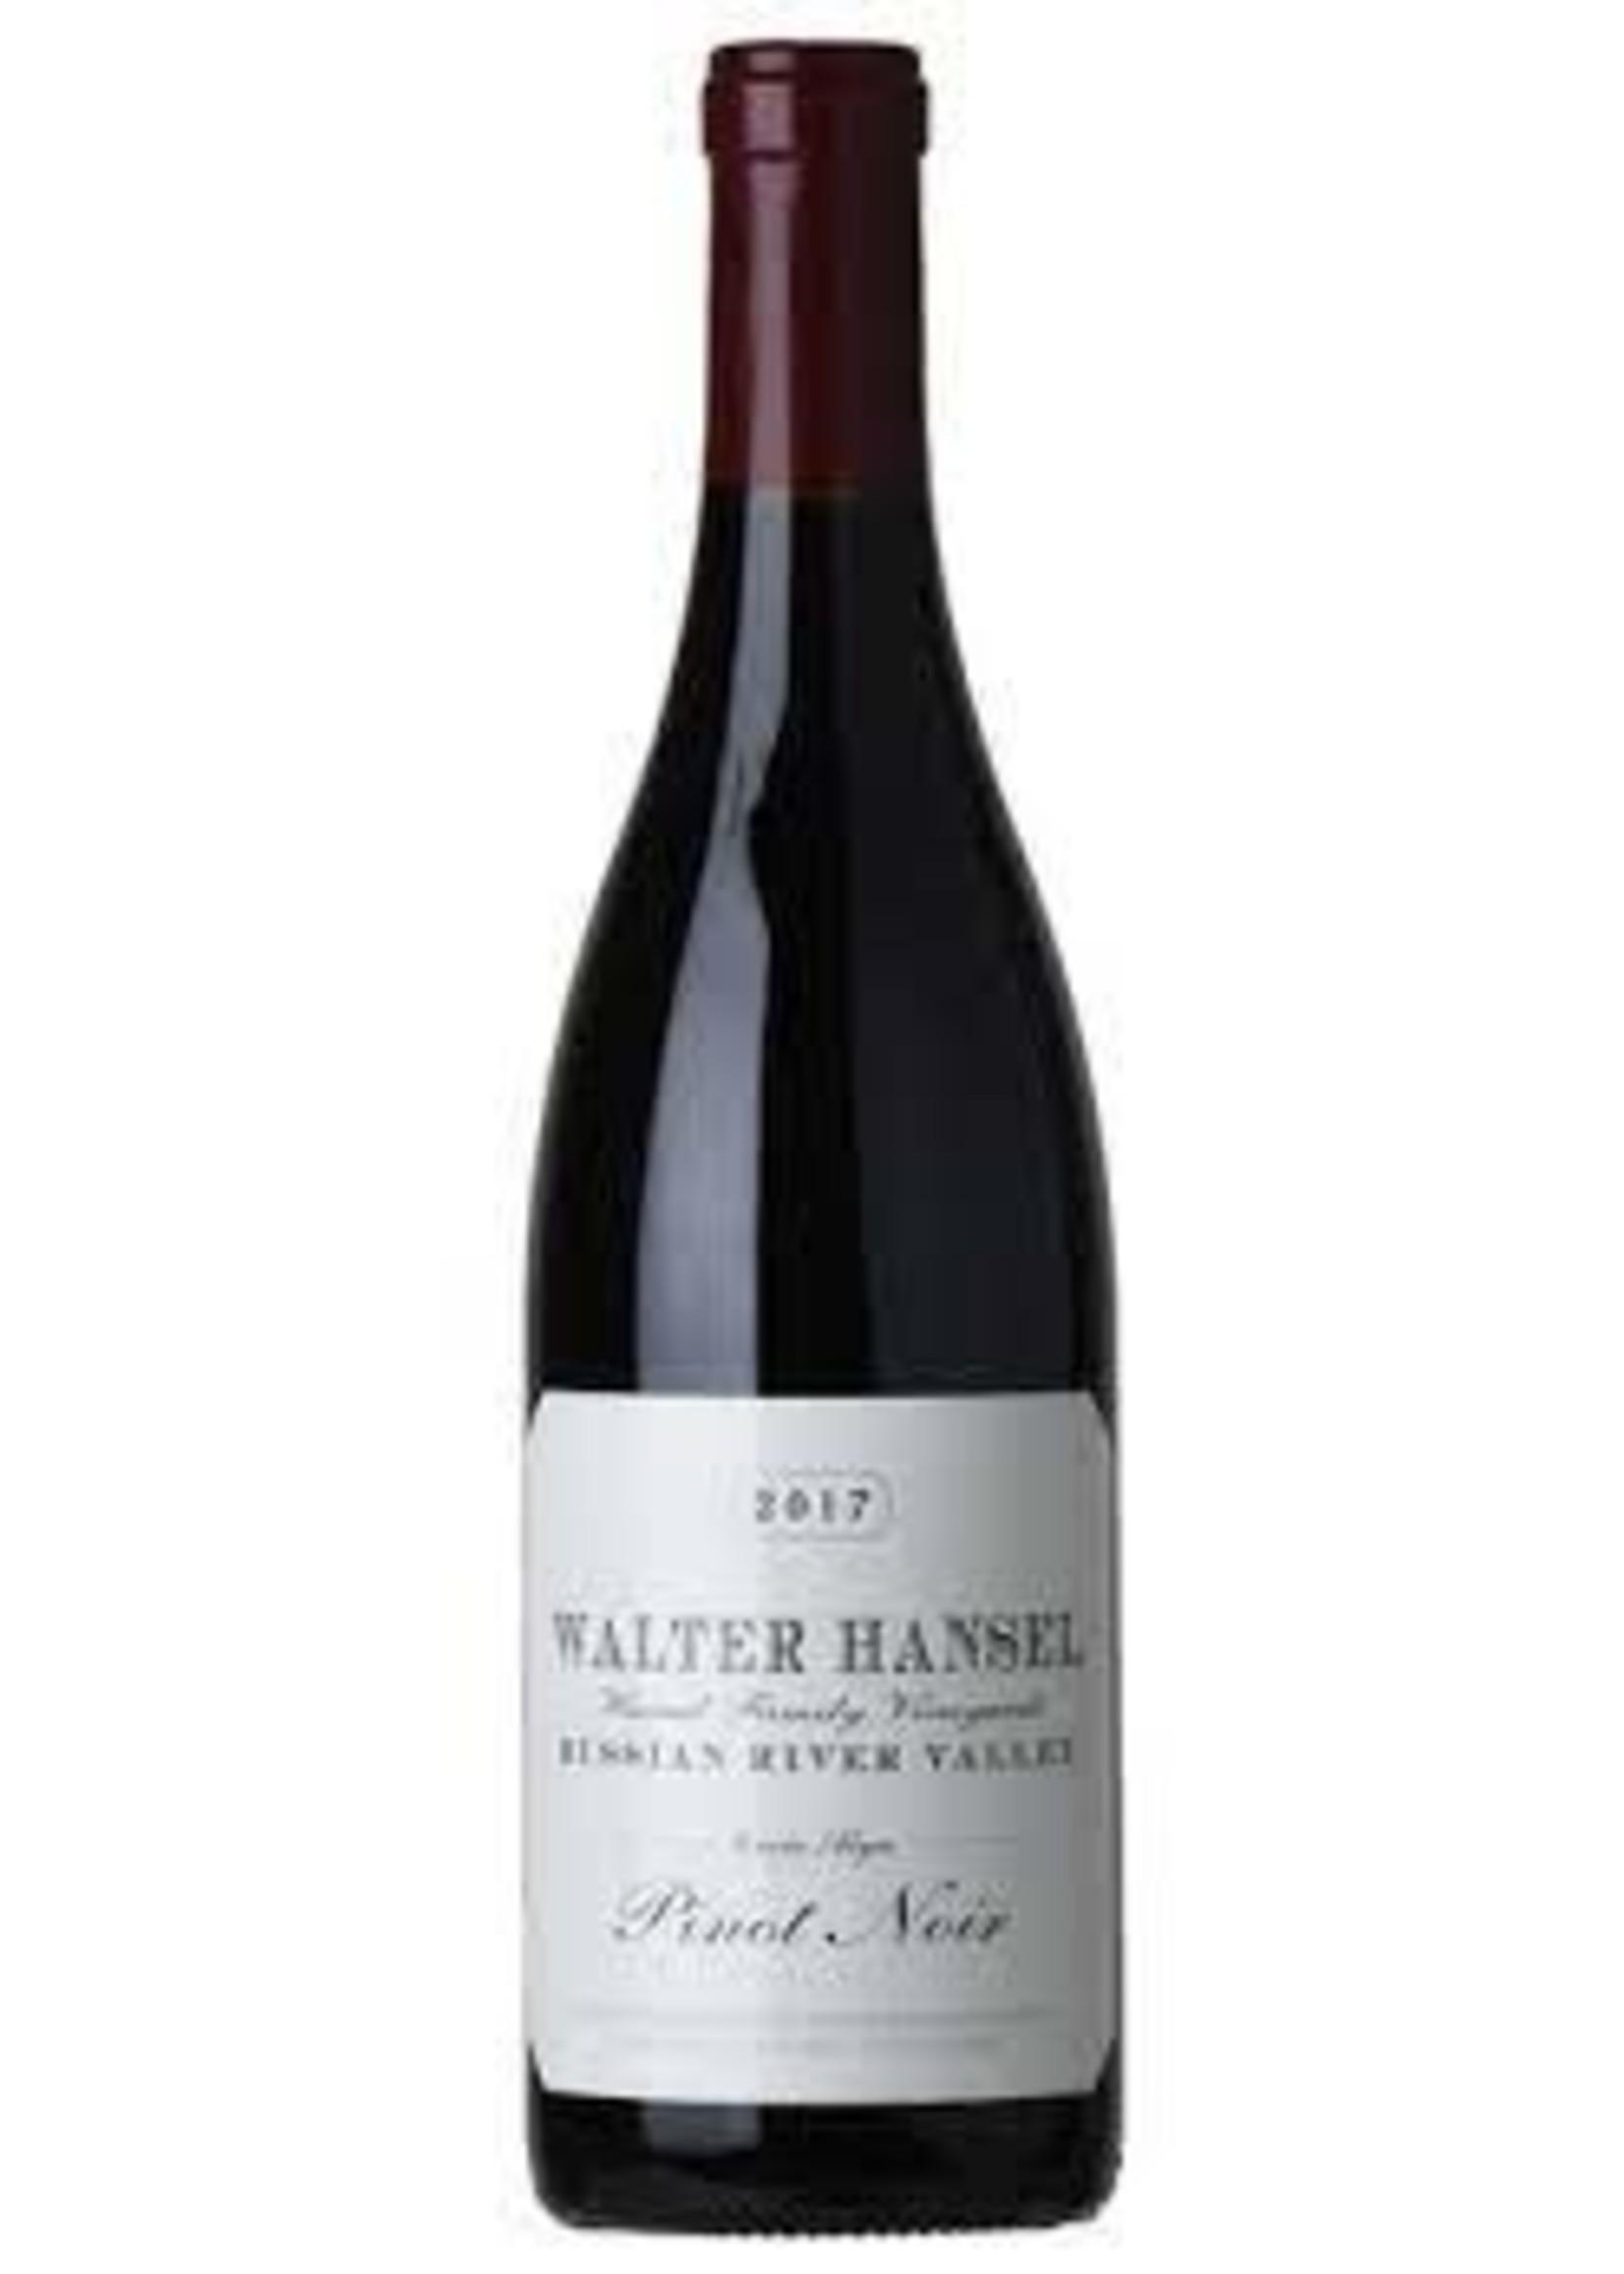 Walter Hansel 2017 Pinot Noir Cuvee Alyce 750ml